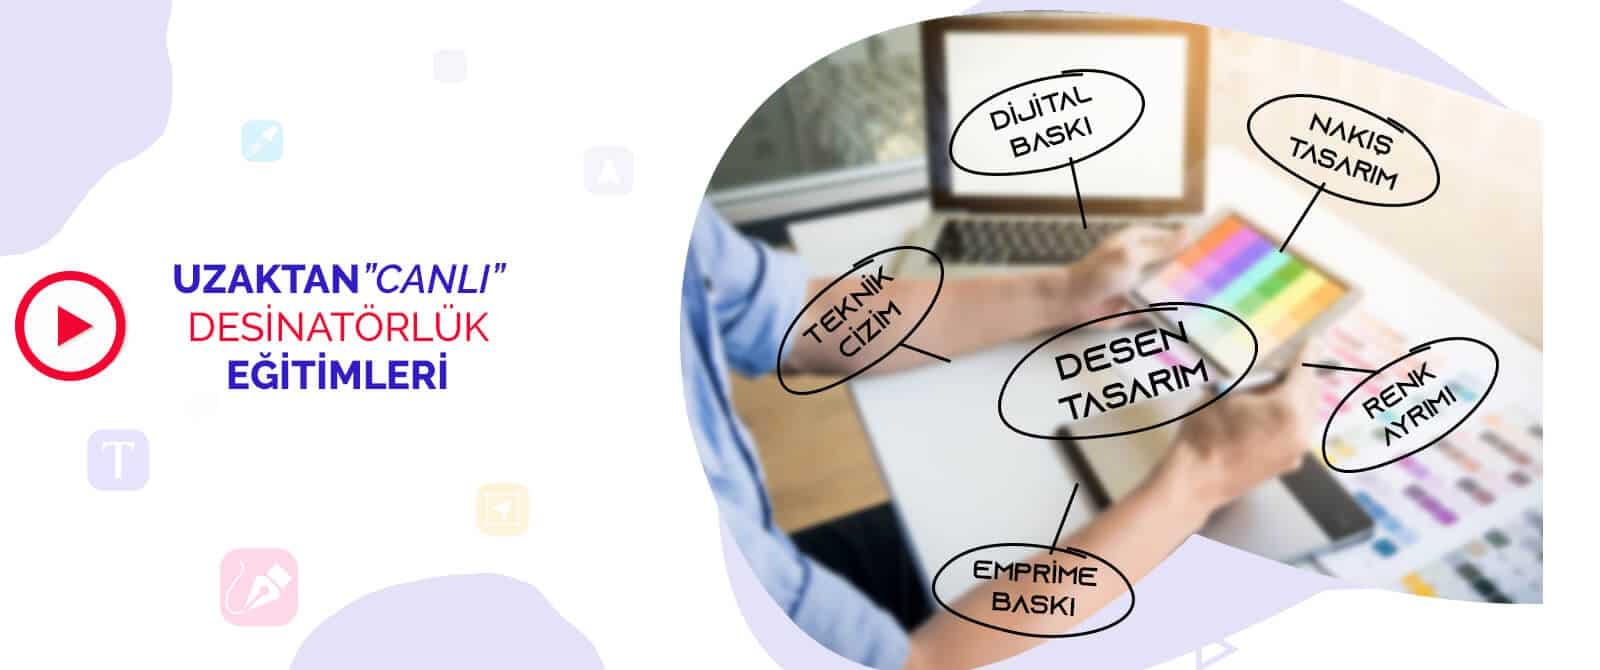 Online Desinatörlük Eğitimi